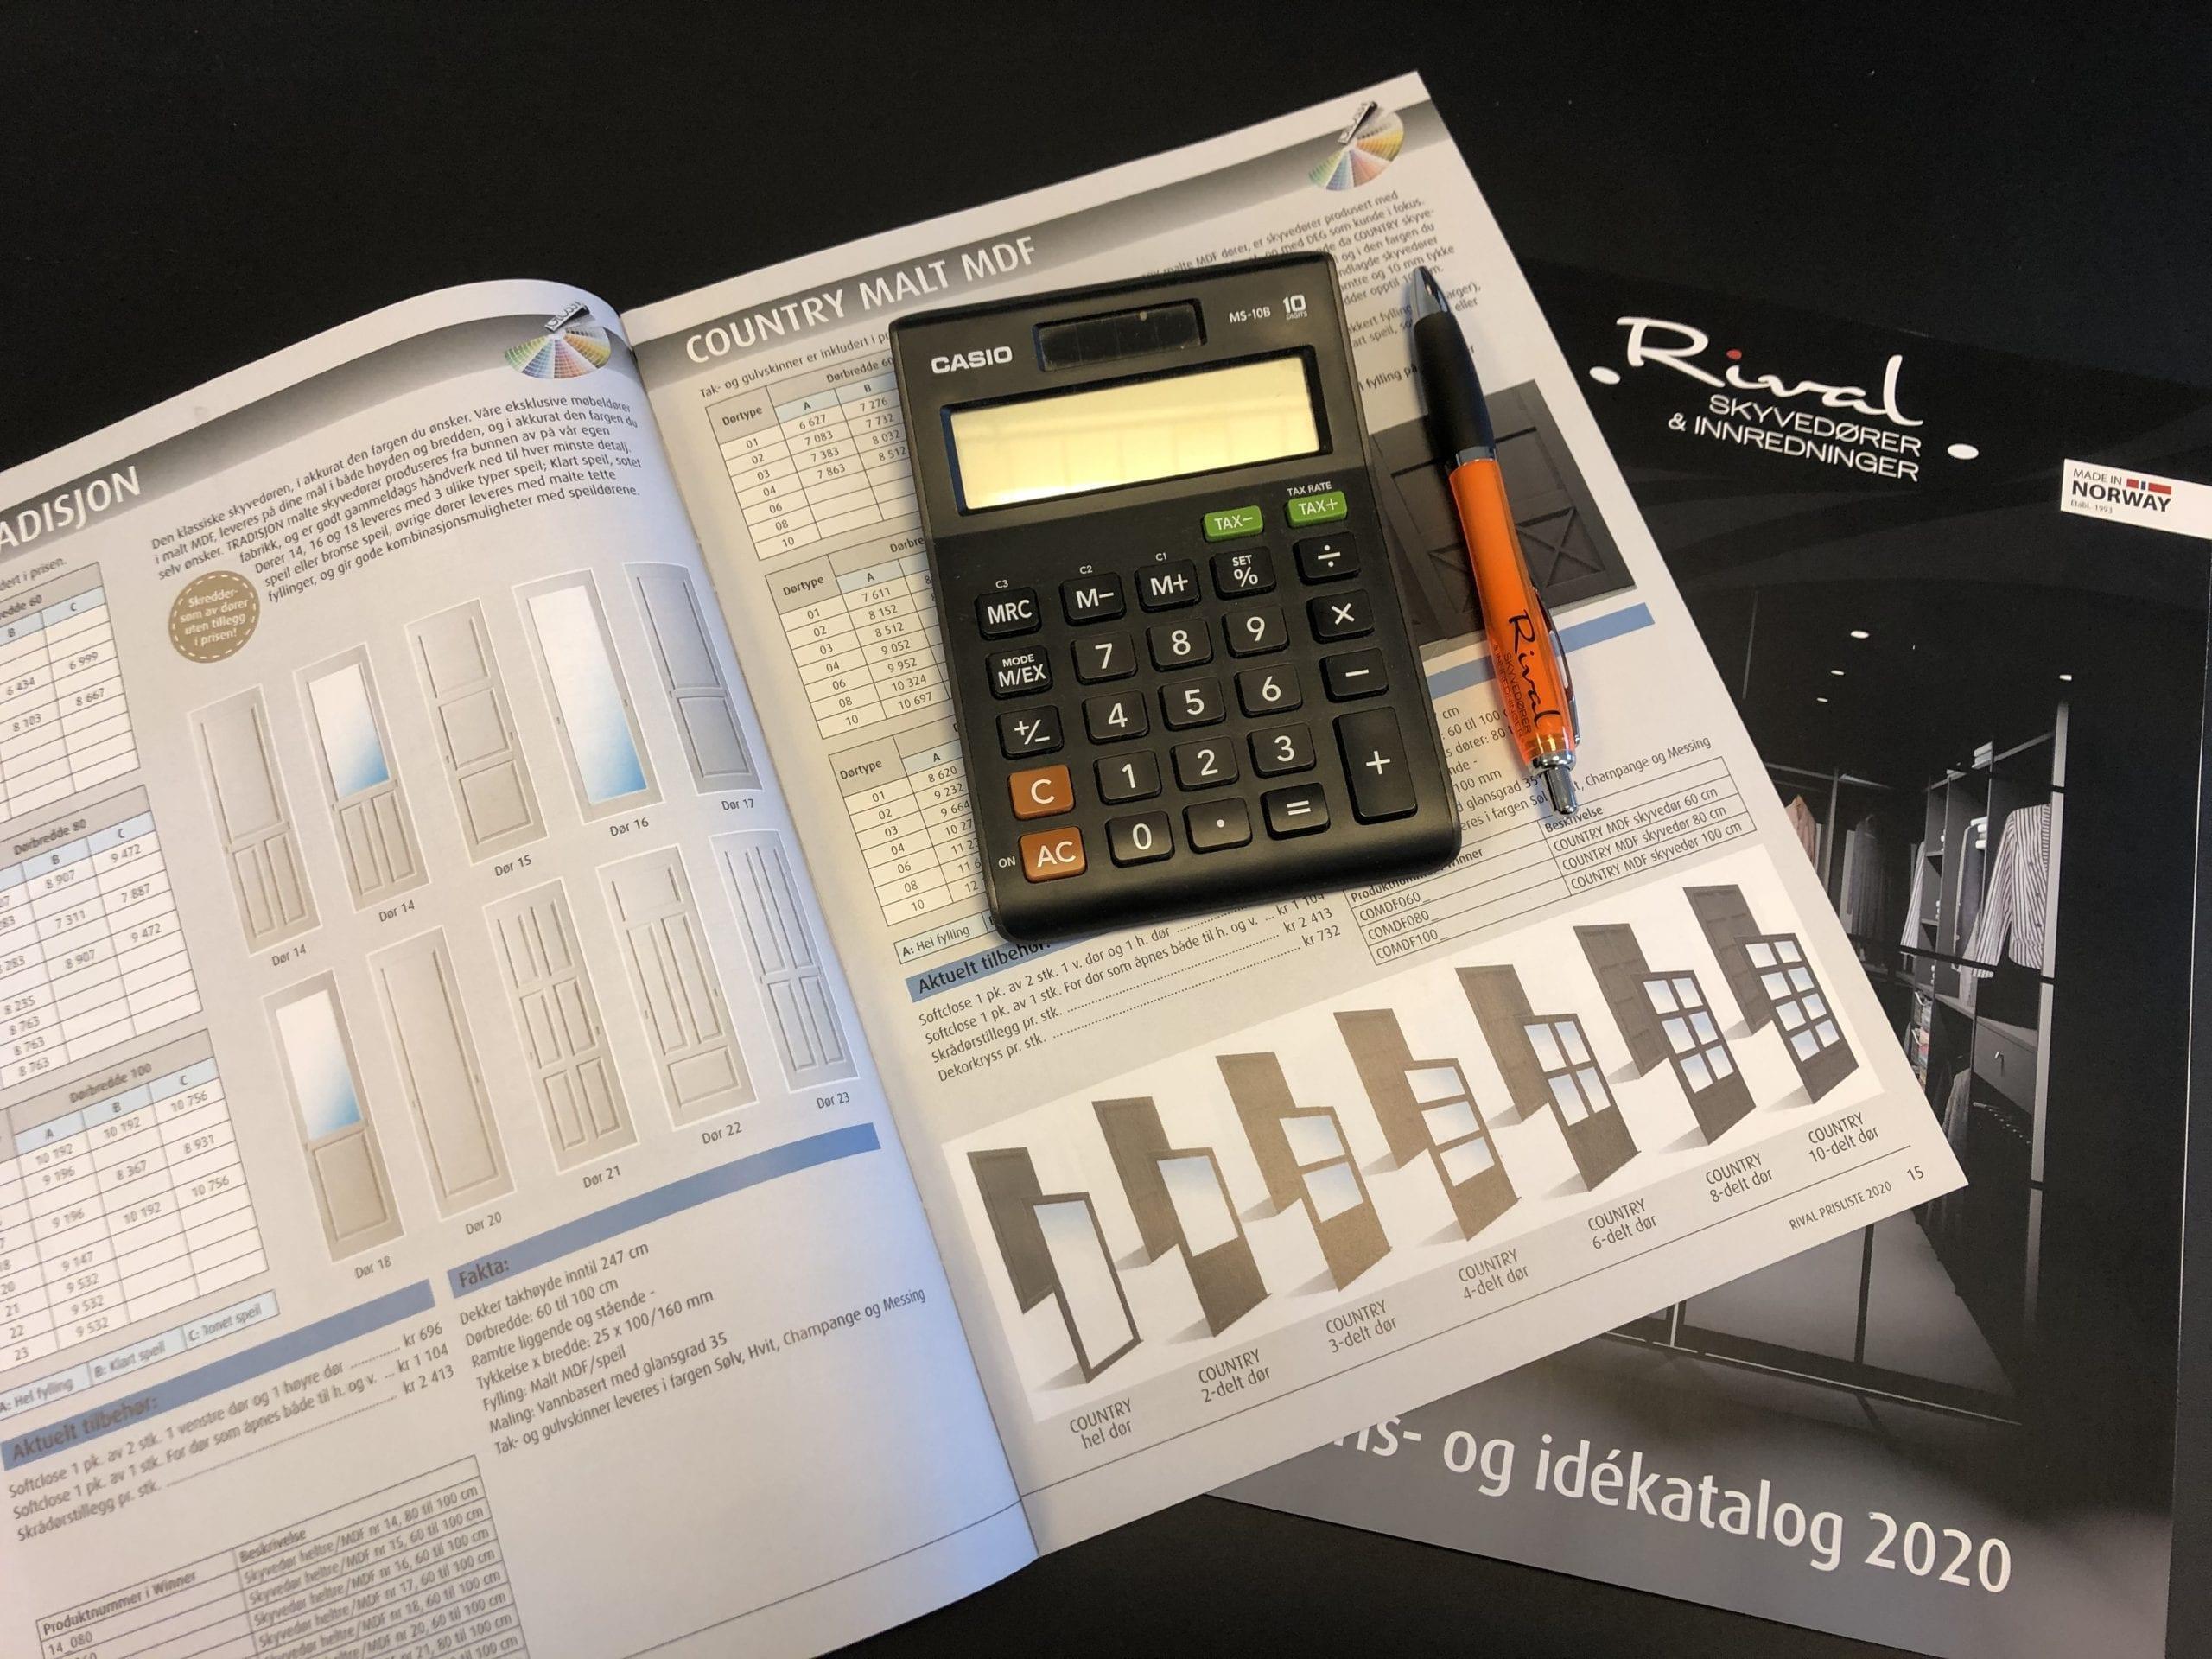 Ny Rival nettkalkulator! – Les mer om hvordan du raskt kan kalkulere prisen på din garderobe!